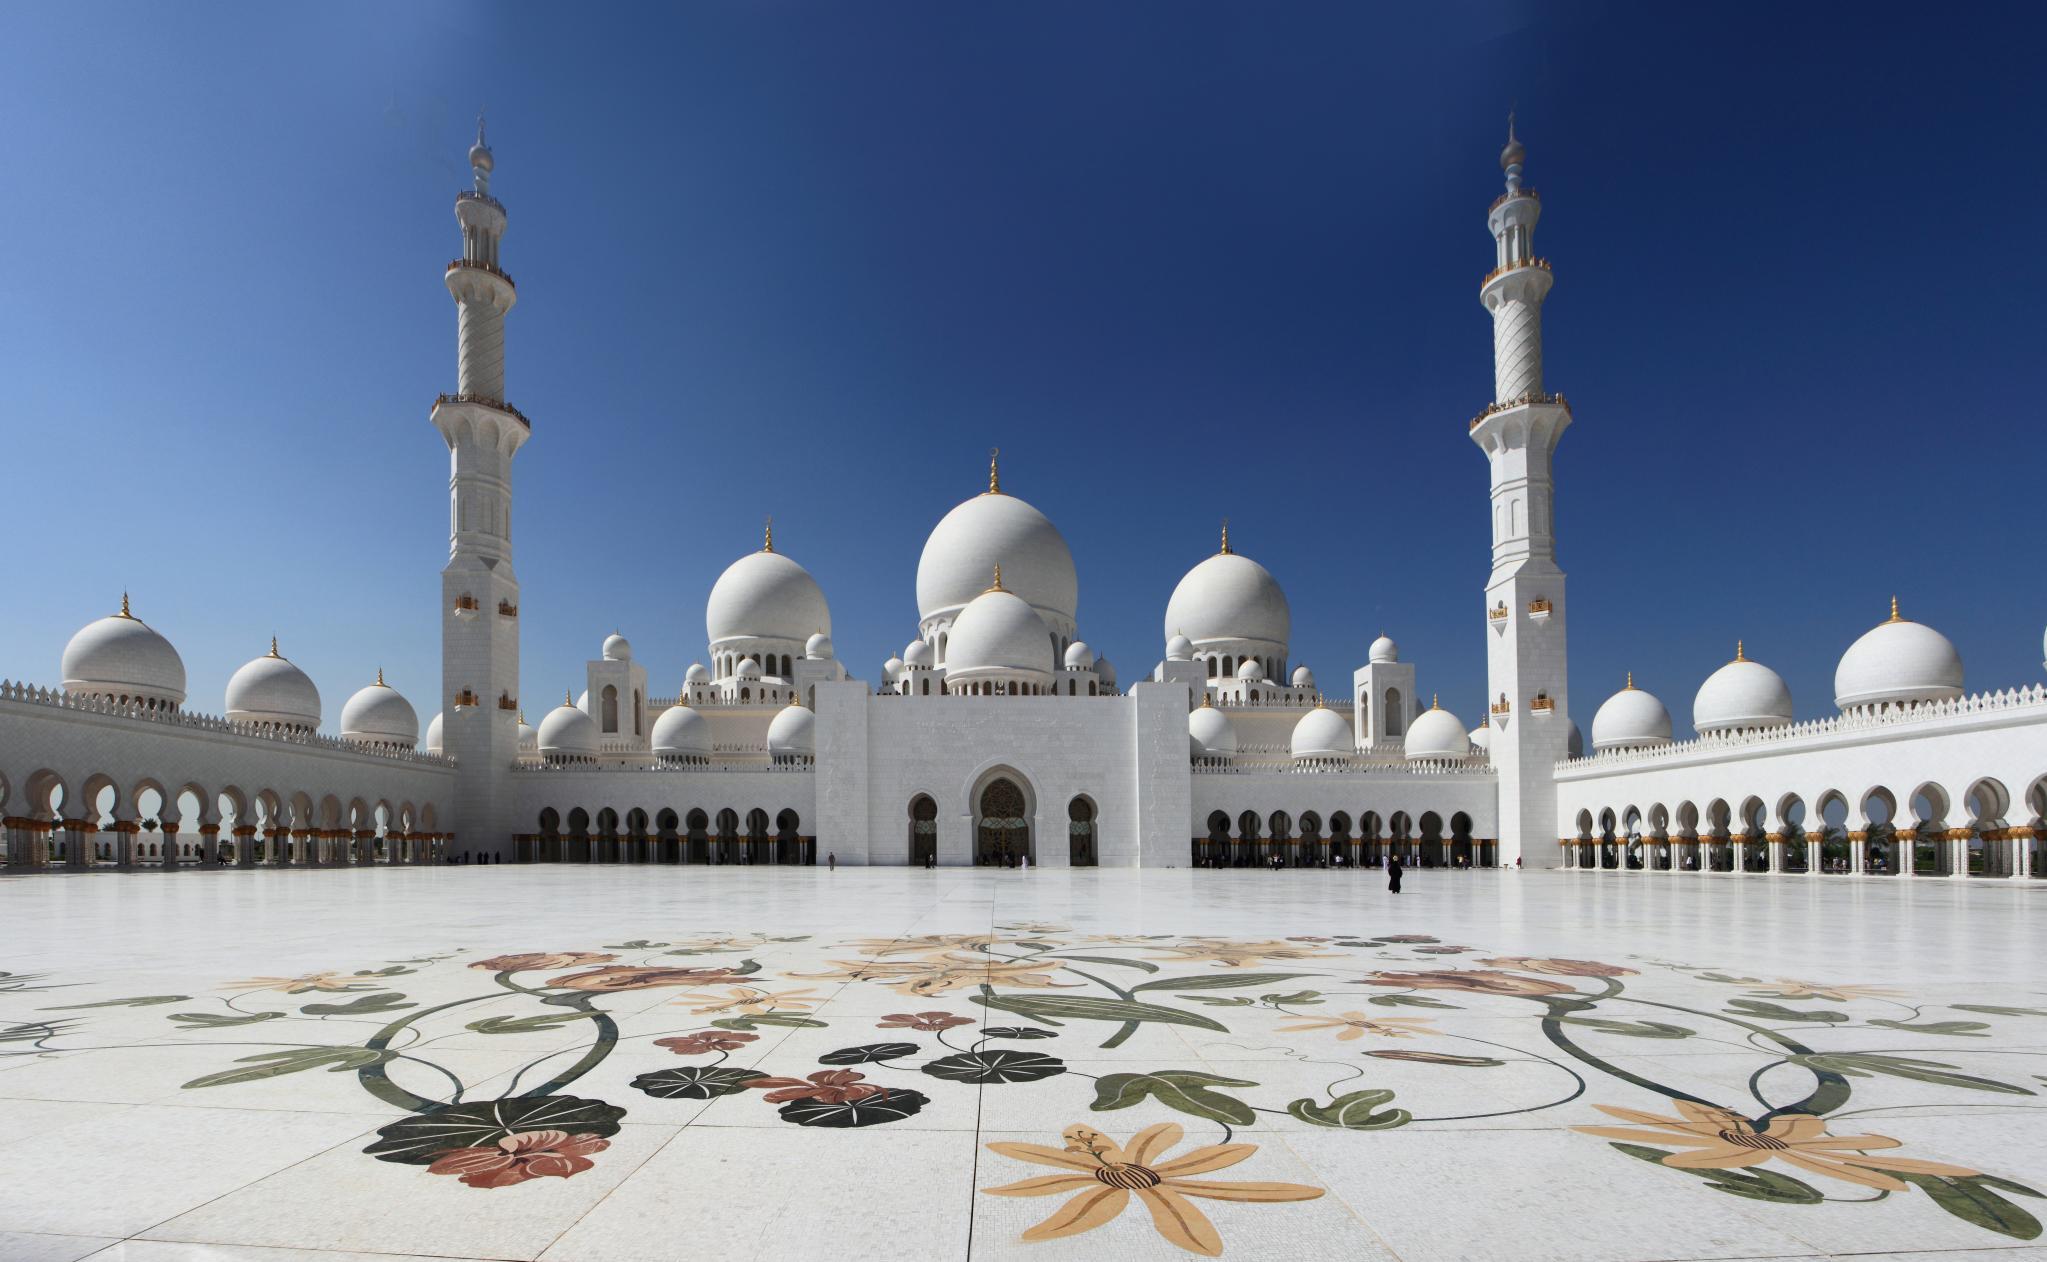 الهيئة الإسلامية والأوقاف تبدأ بصيانة وترميم 116 مسجداً في أبوظبي